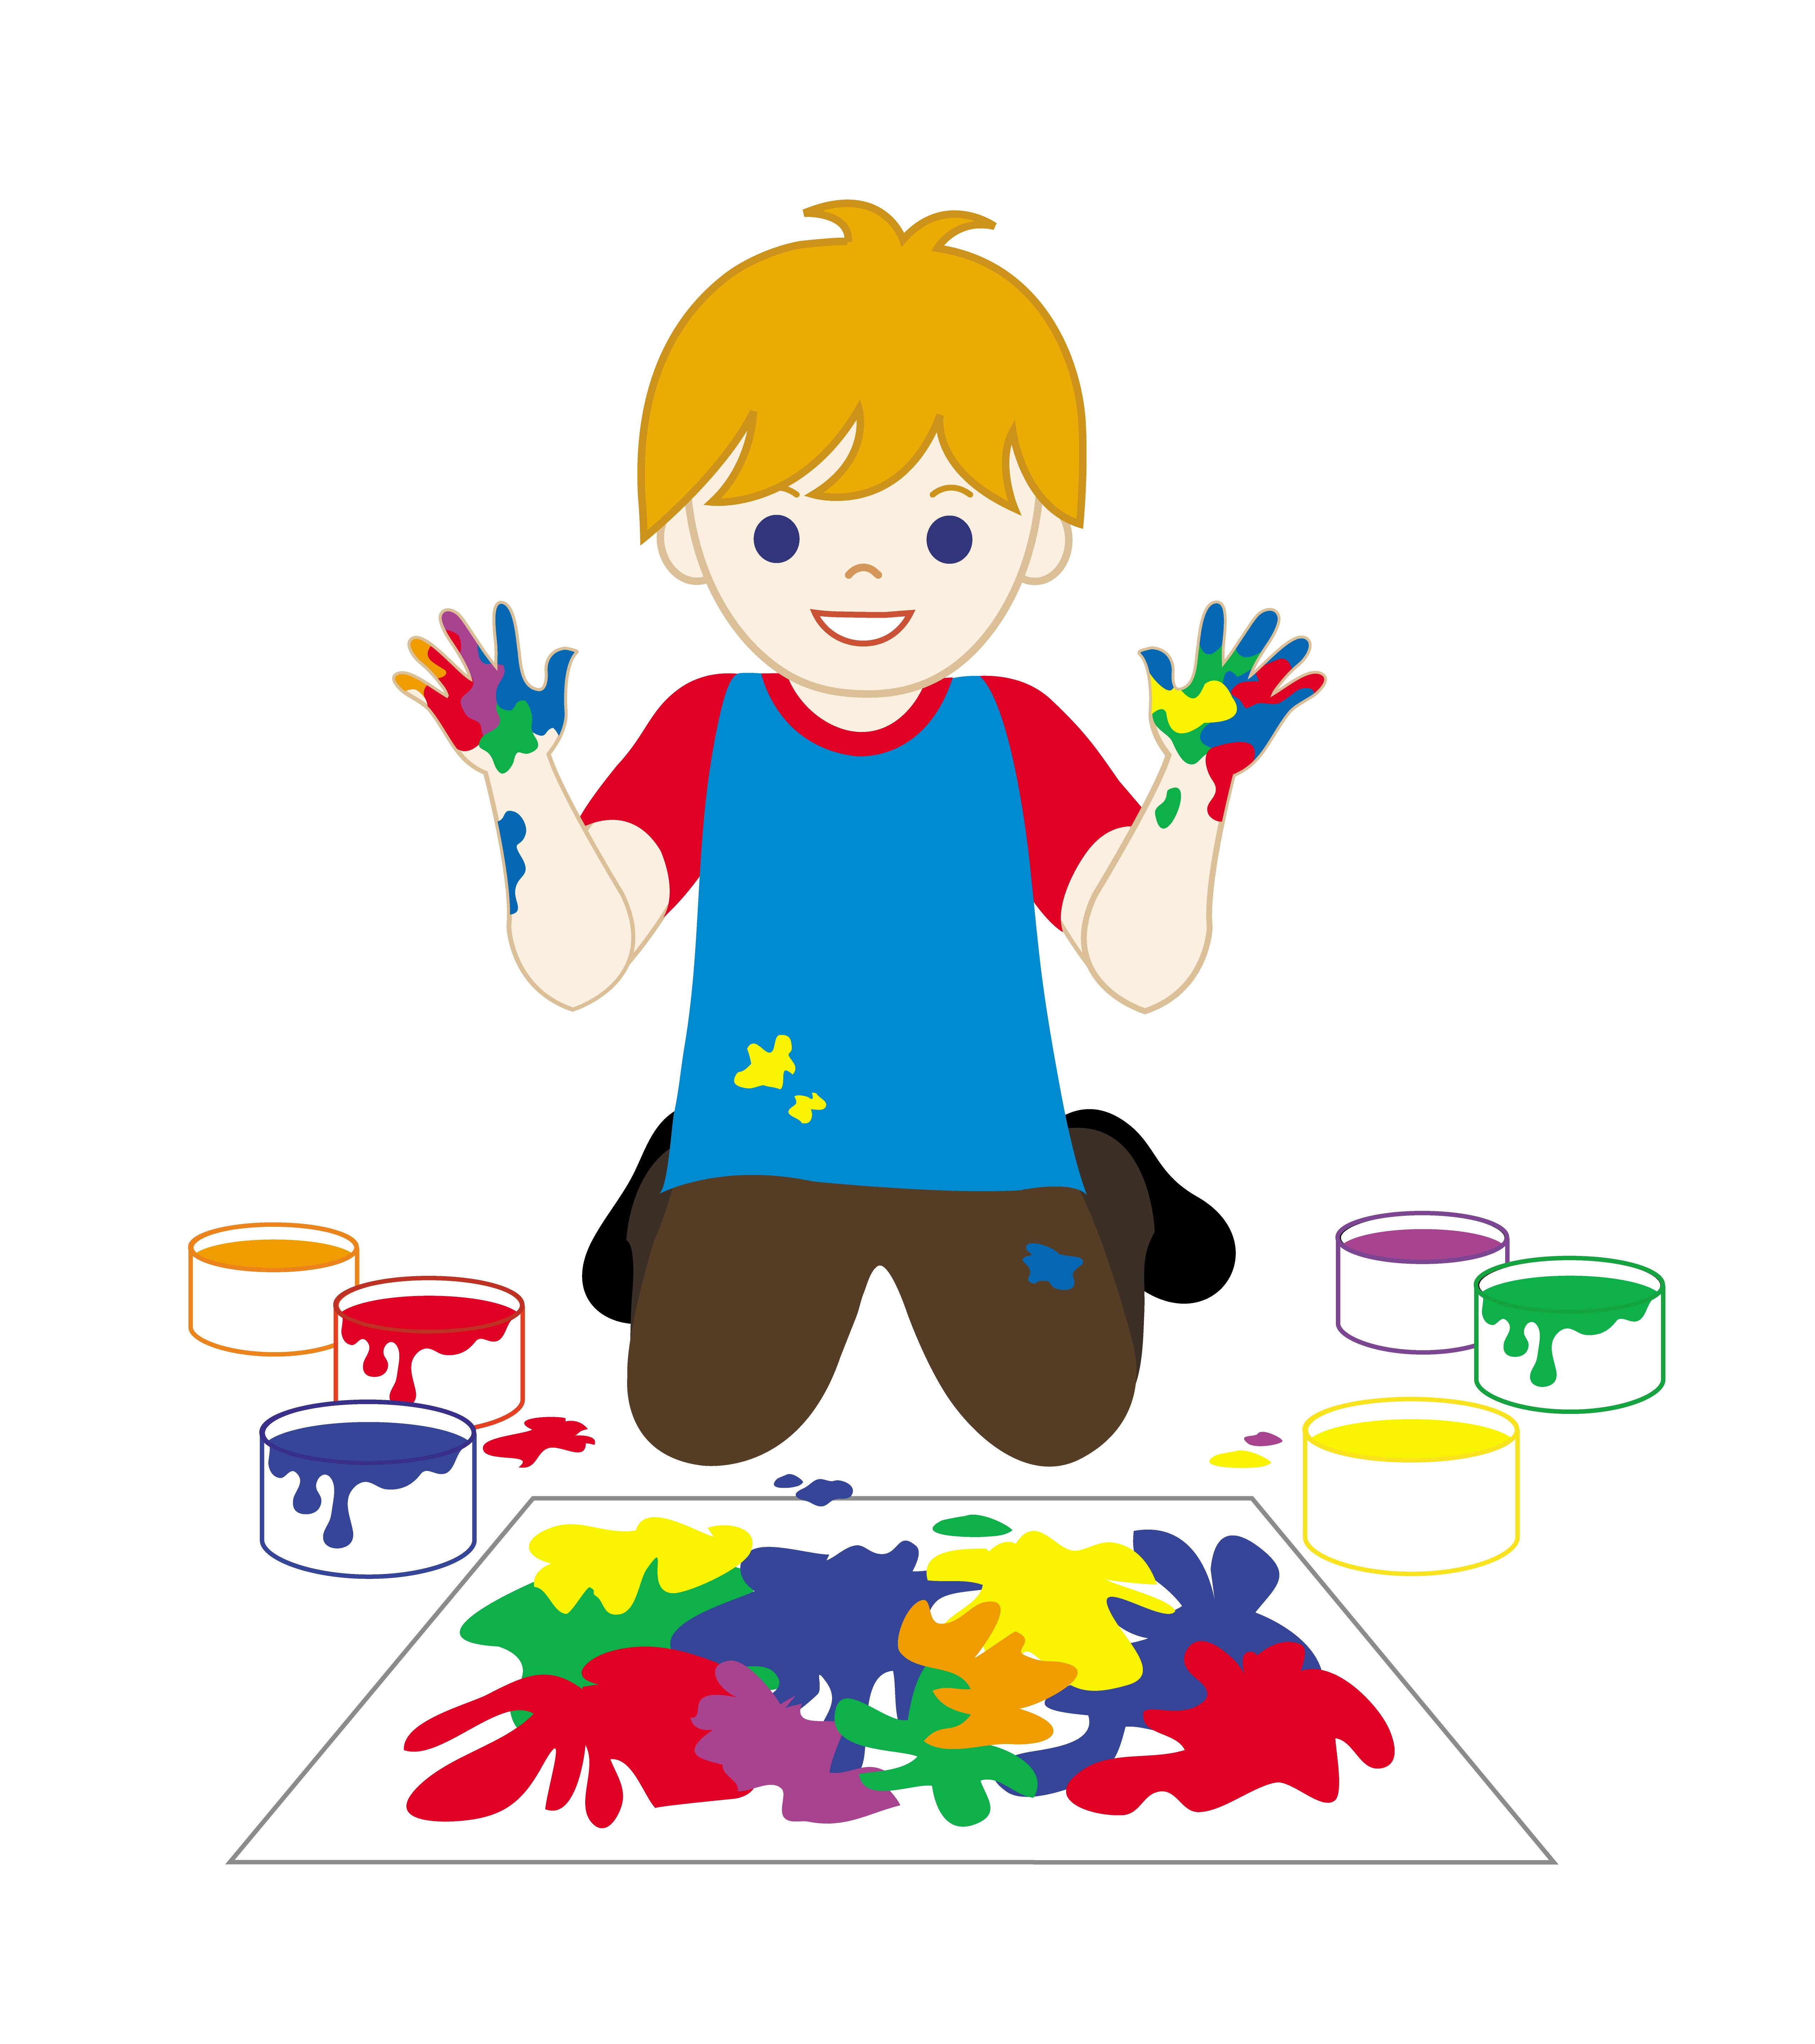 child images clip art.